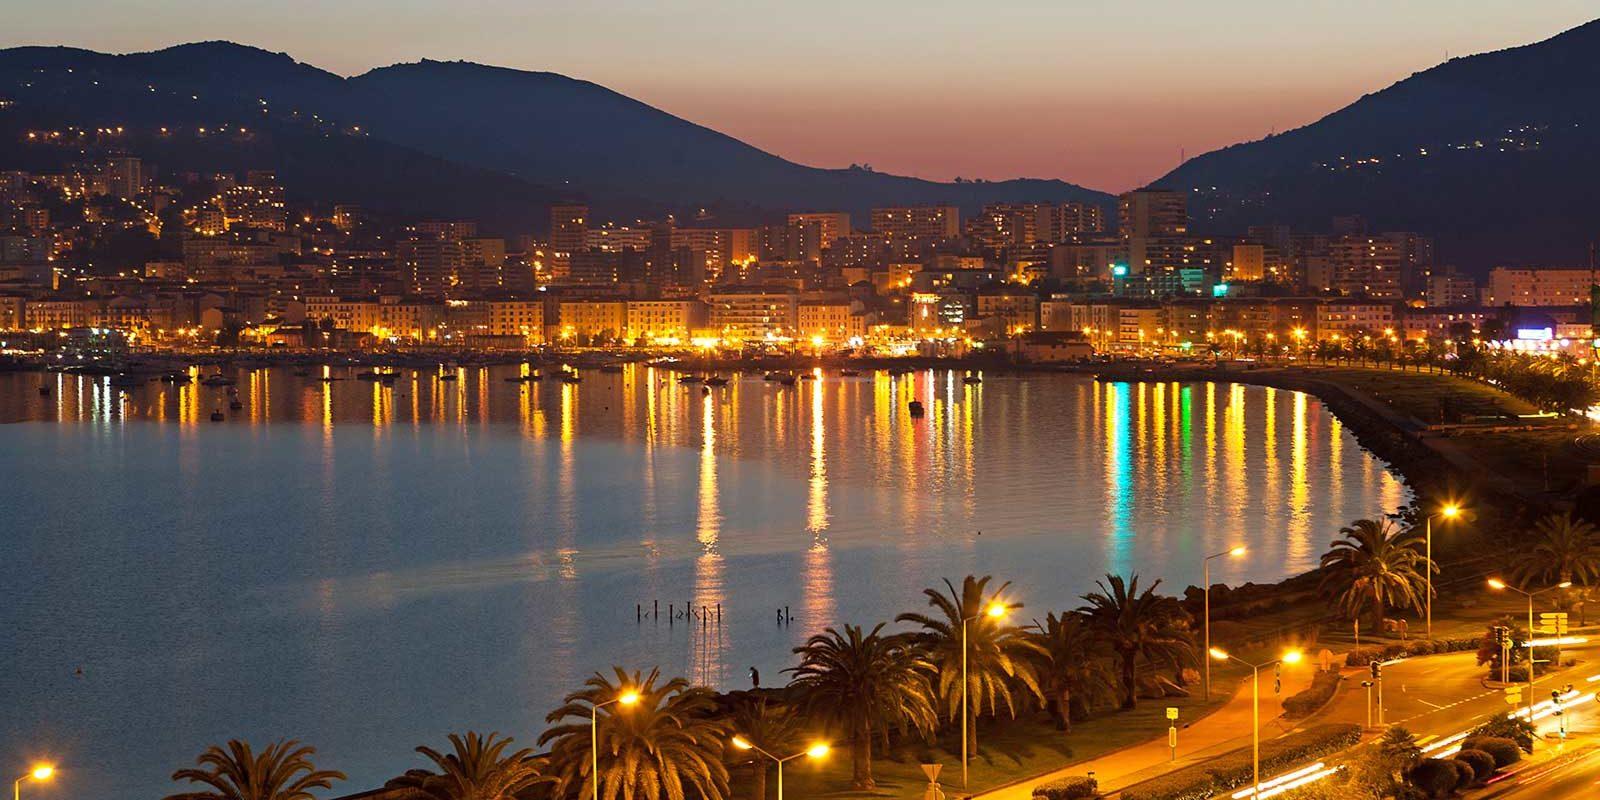 Hotel la Pinede Ajaccio Iles Sanguinaires Corsica Frankrijk Ajacio-by-night verlichting baai boulevard palmbomen